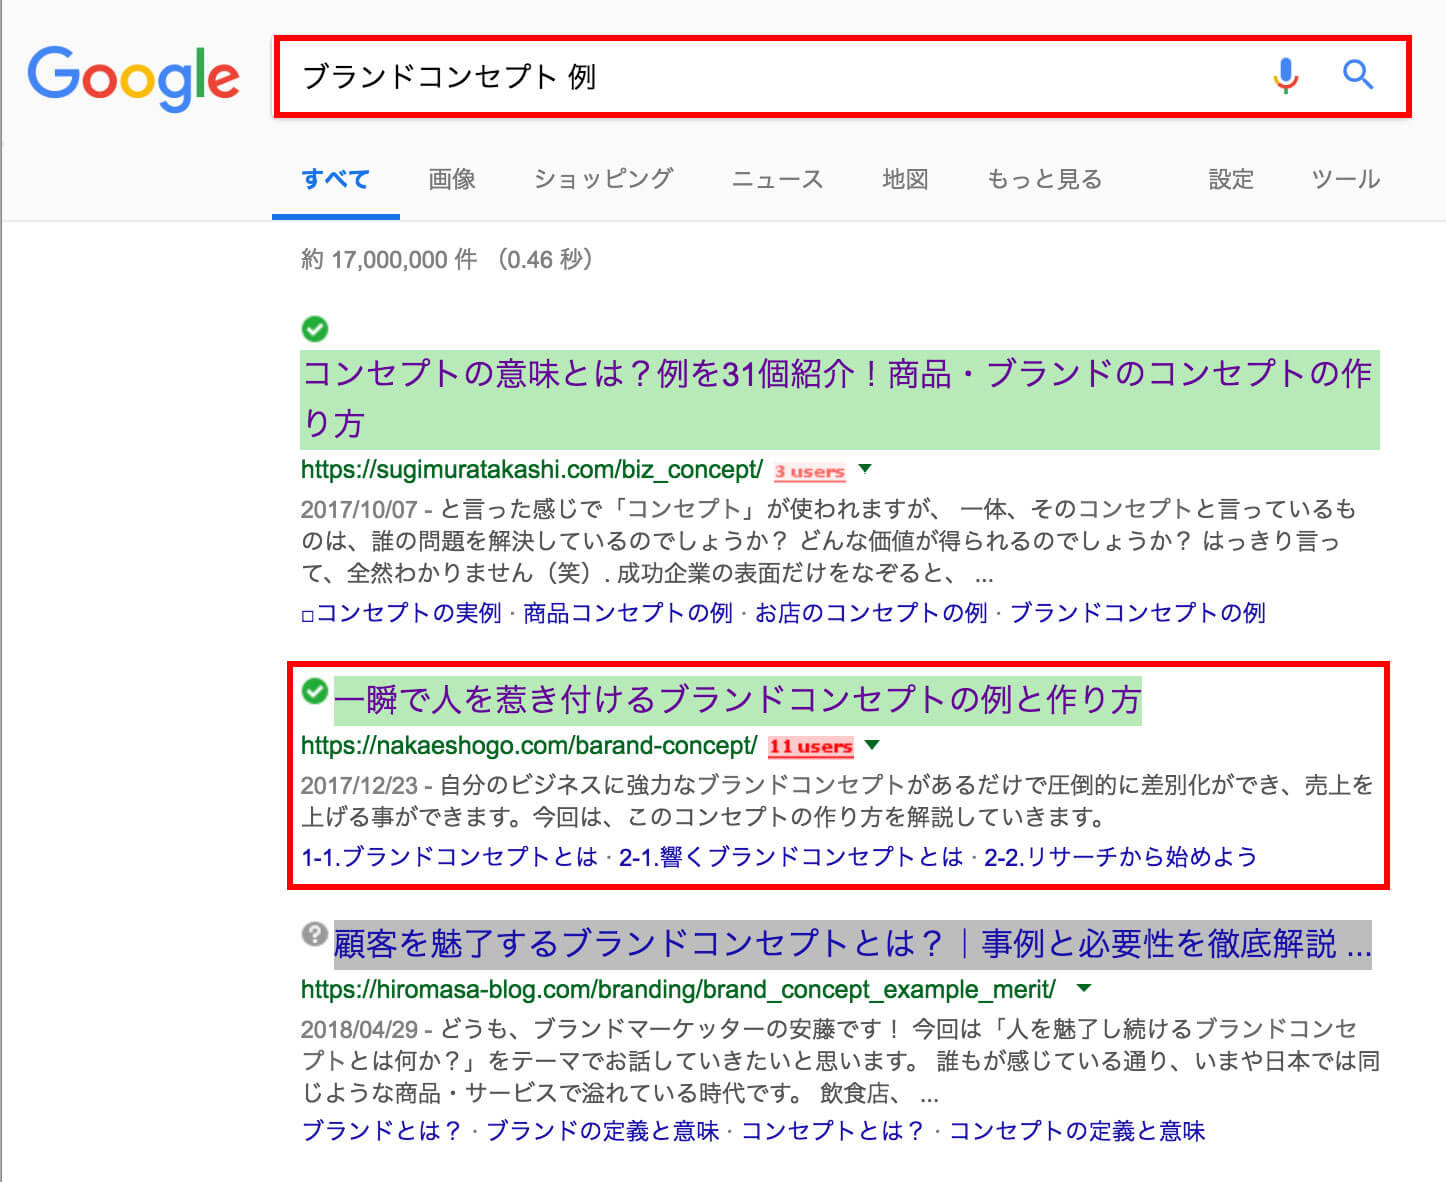 ブランドコンセプト 例の検索結果